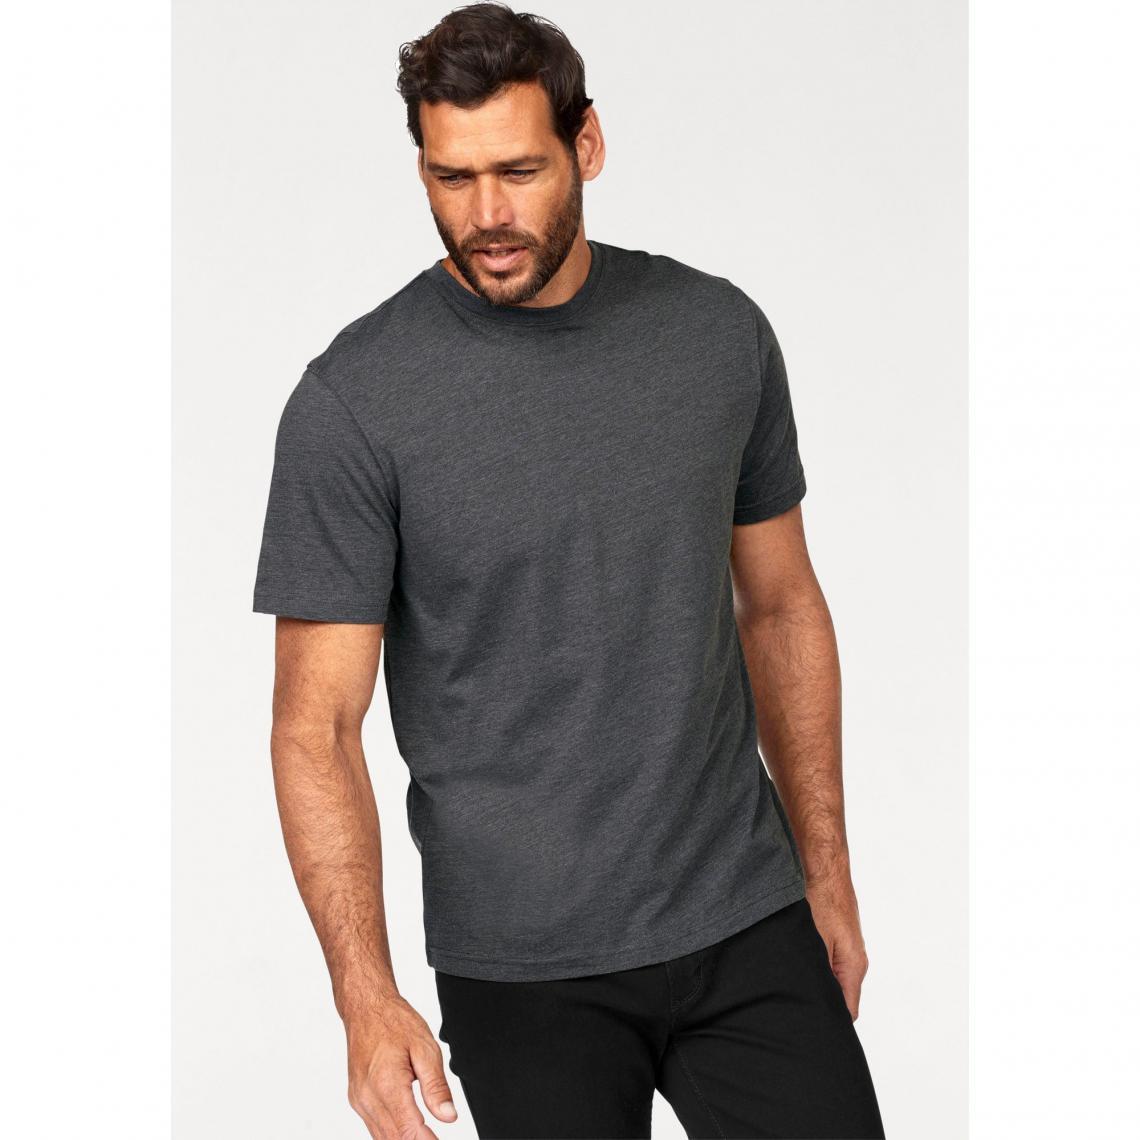 Lot de 2 t shirts unis col rond manches courtes homme Man's